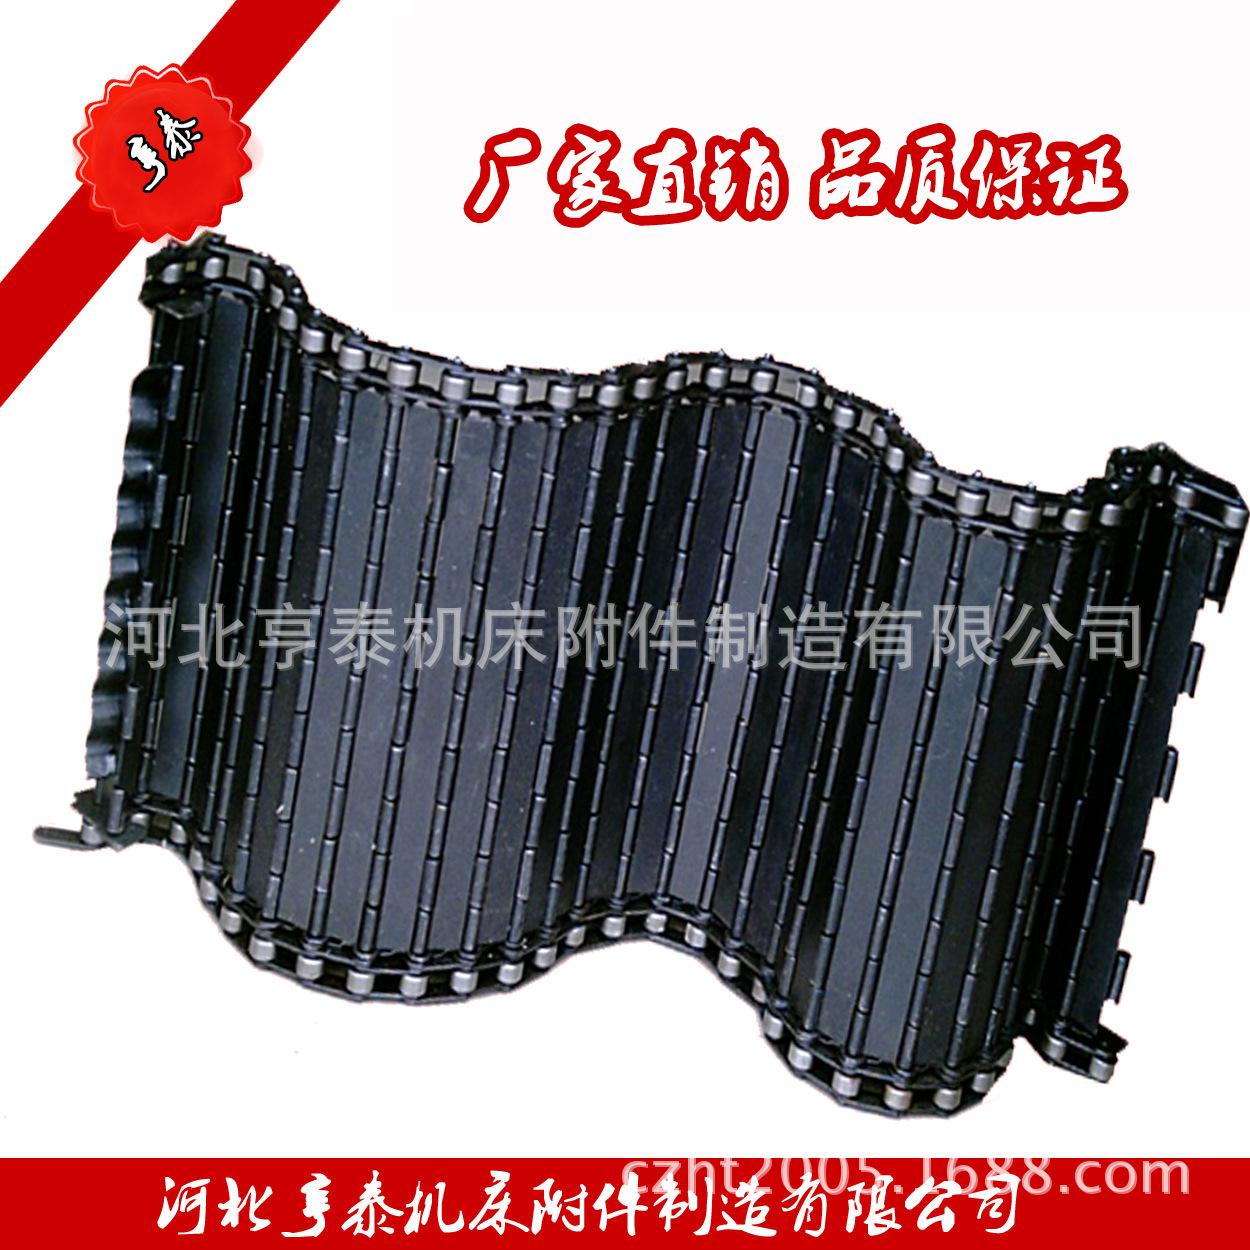 【链板】厂家直销机床磁性不锈钢链条 滚子链 钢板刮板式排屑链条